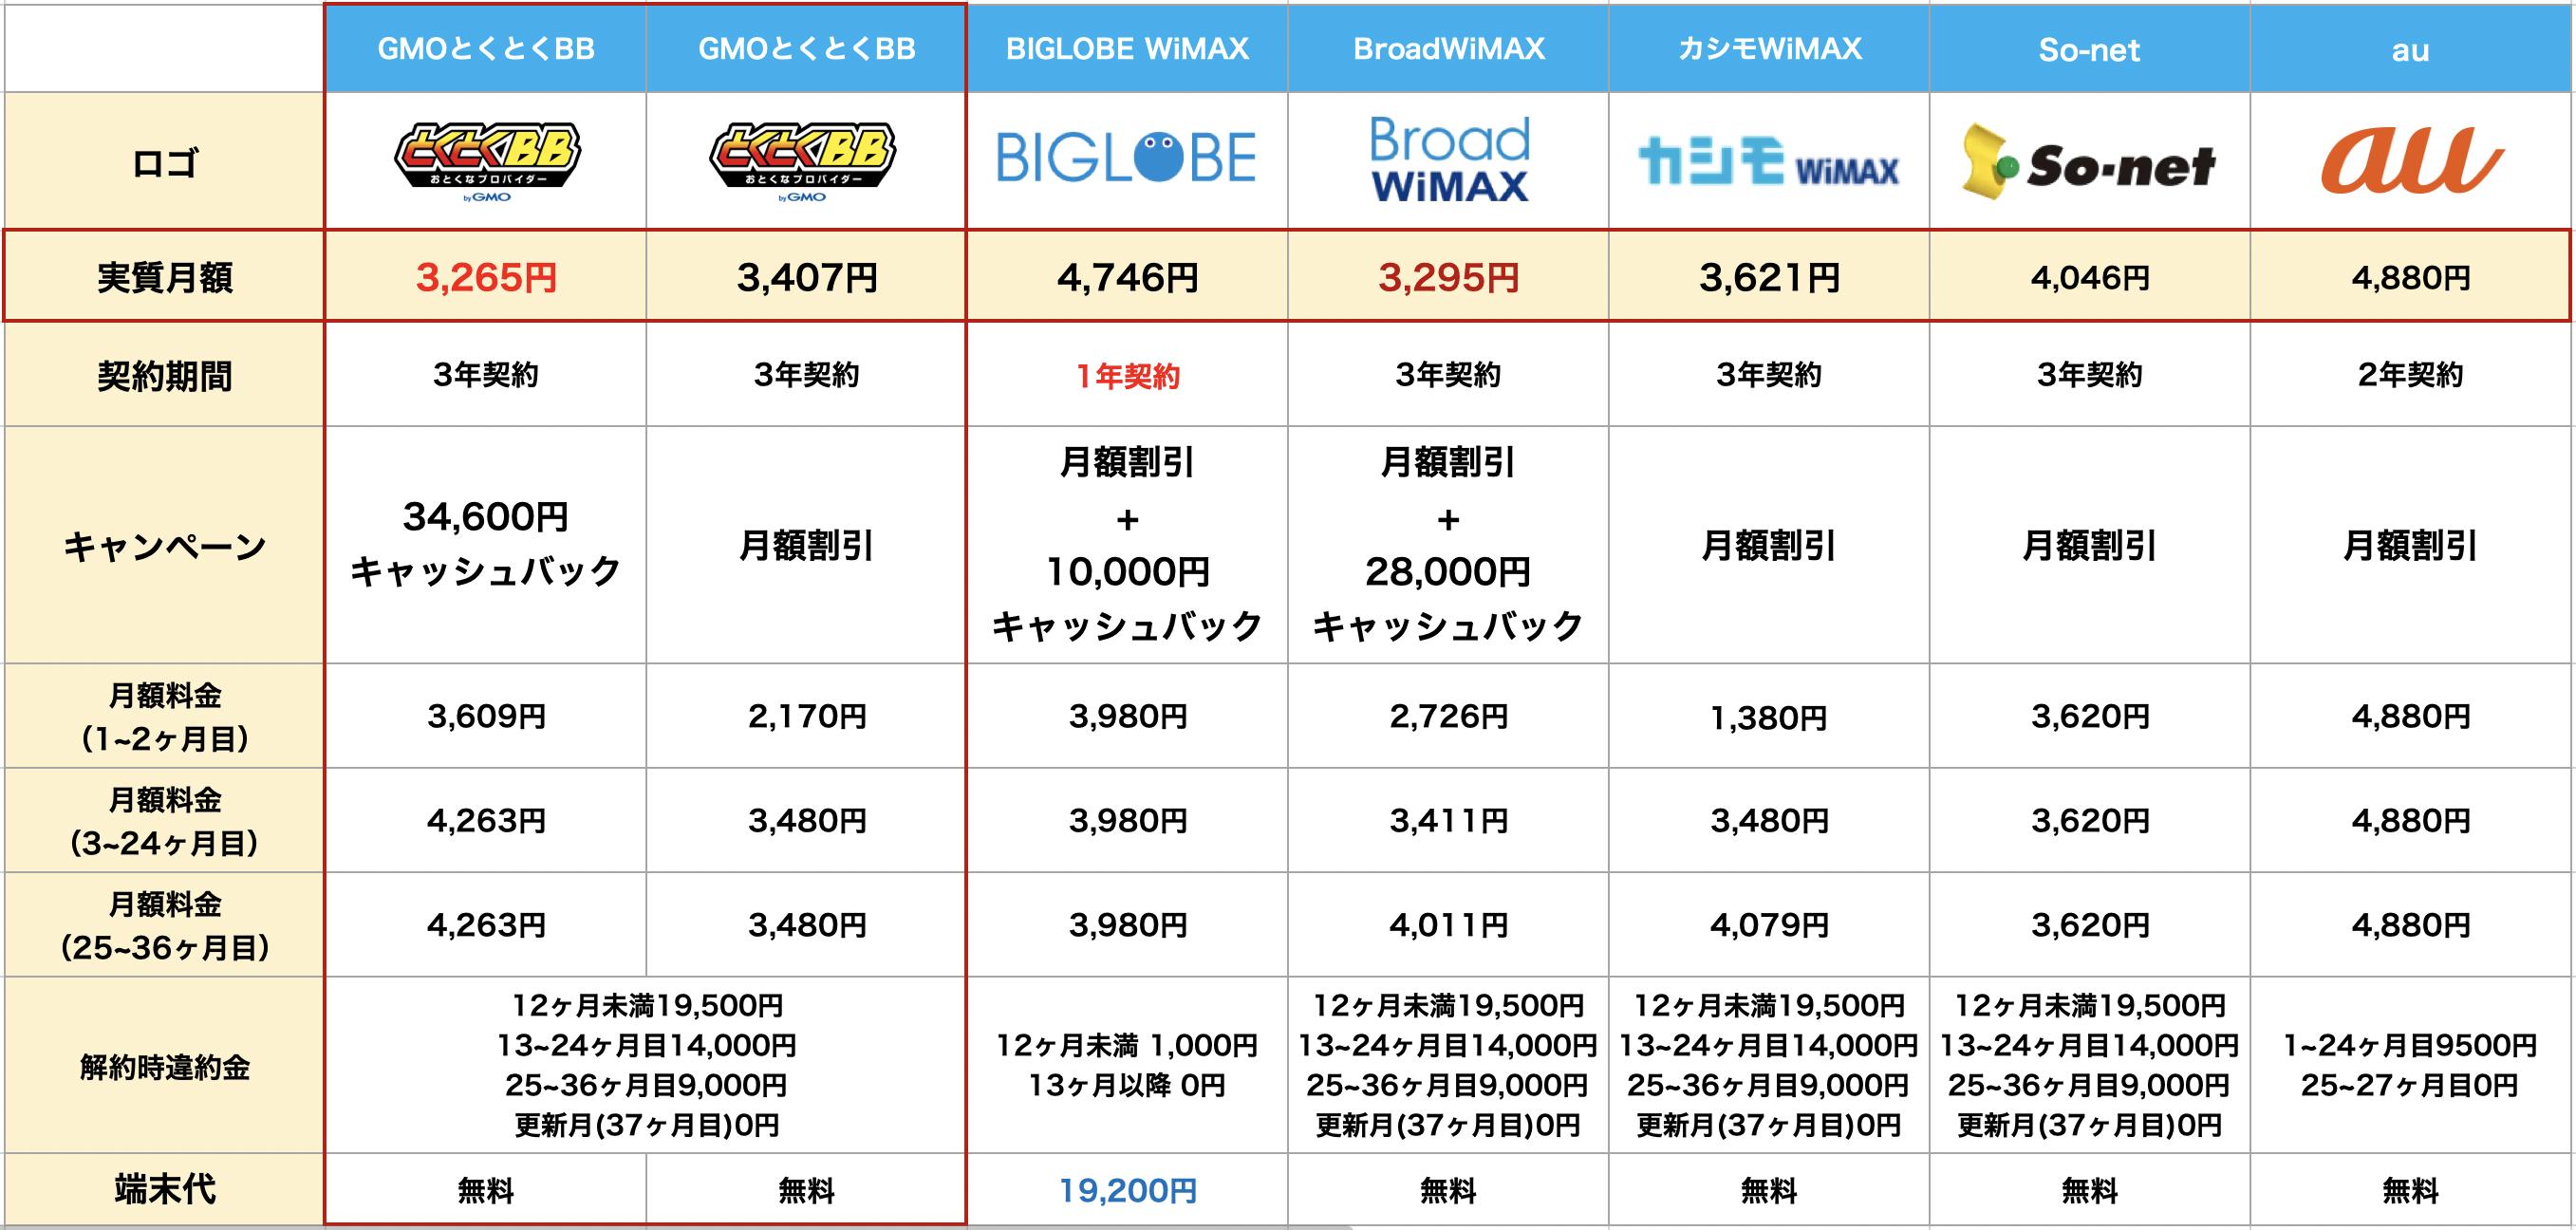 GMOとくとくBBWiMAXと他プロバイダのトータルコスト比較表